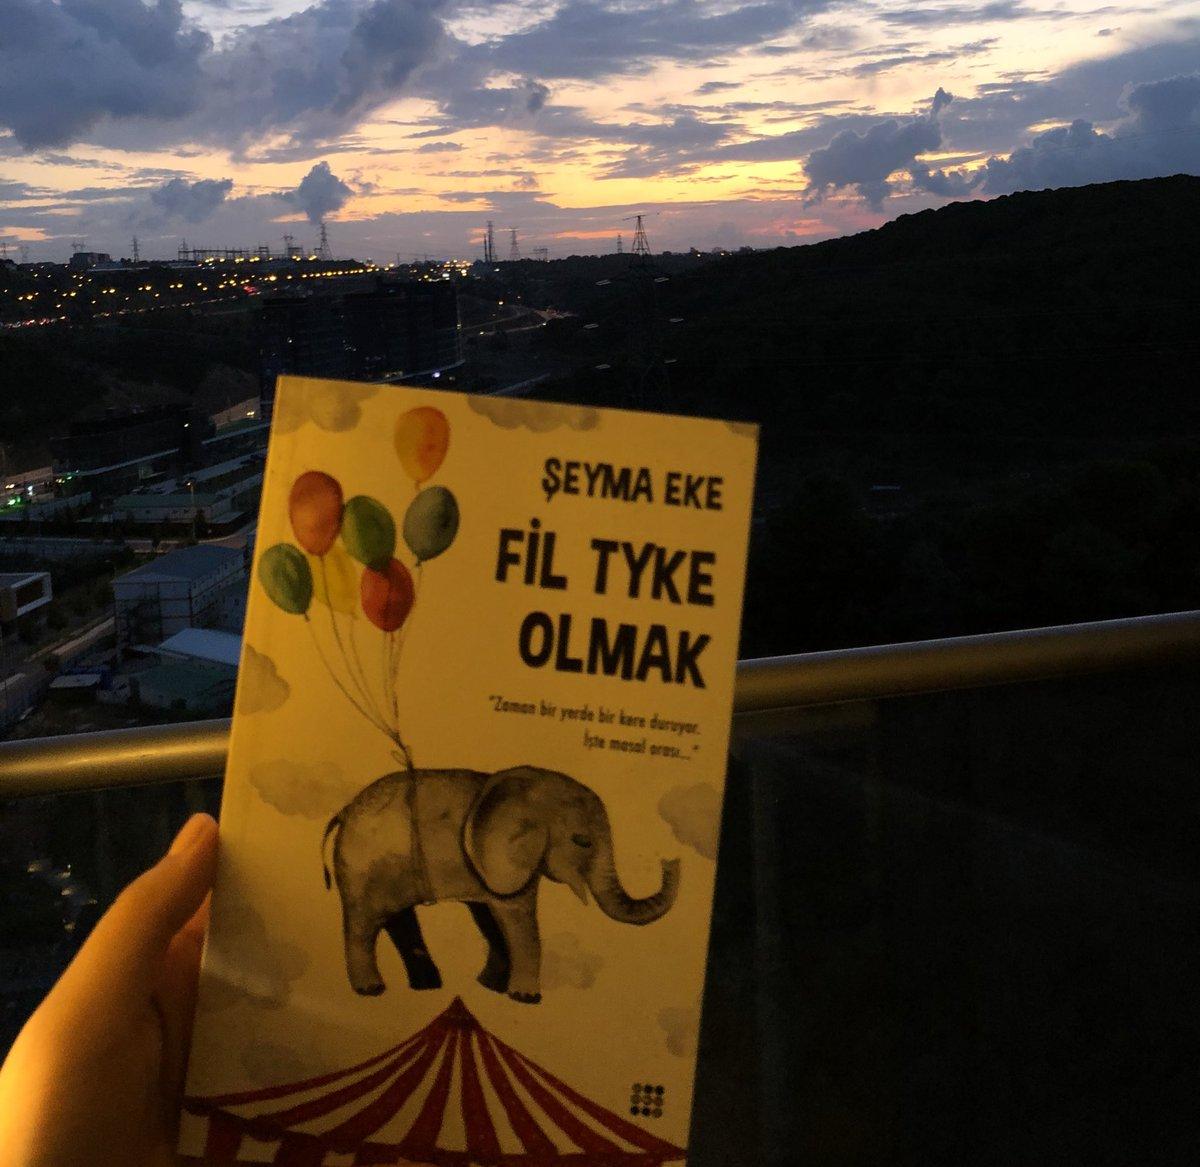 """""""Sonunu bildiğin hikayelere başlamanın en güzel yanı hikayeyi değiştirebileceğin noktaları adın gibi bilmendir."""" Fil Tyke Olmak 🐘 dr.com.tr/Kitap/Fil-Tyke…"""